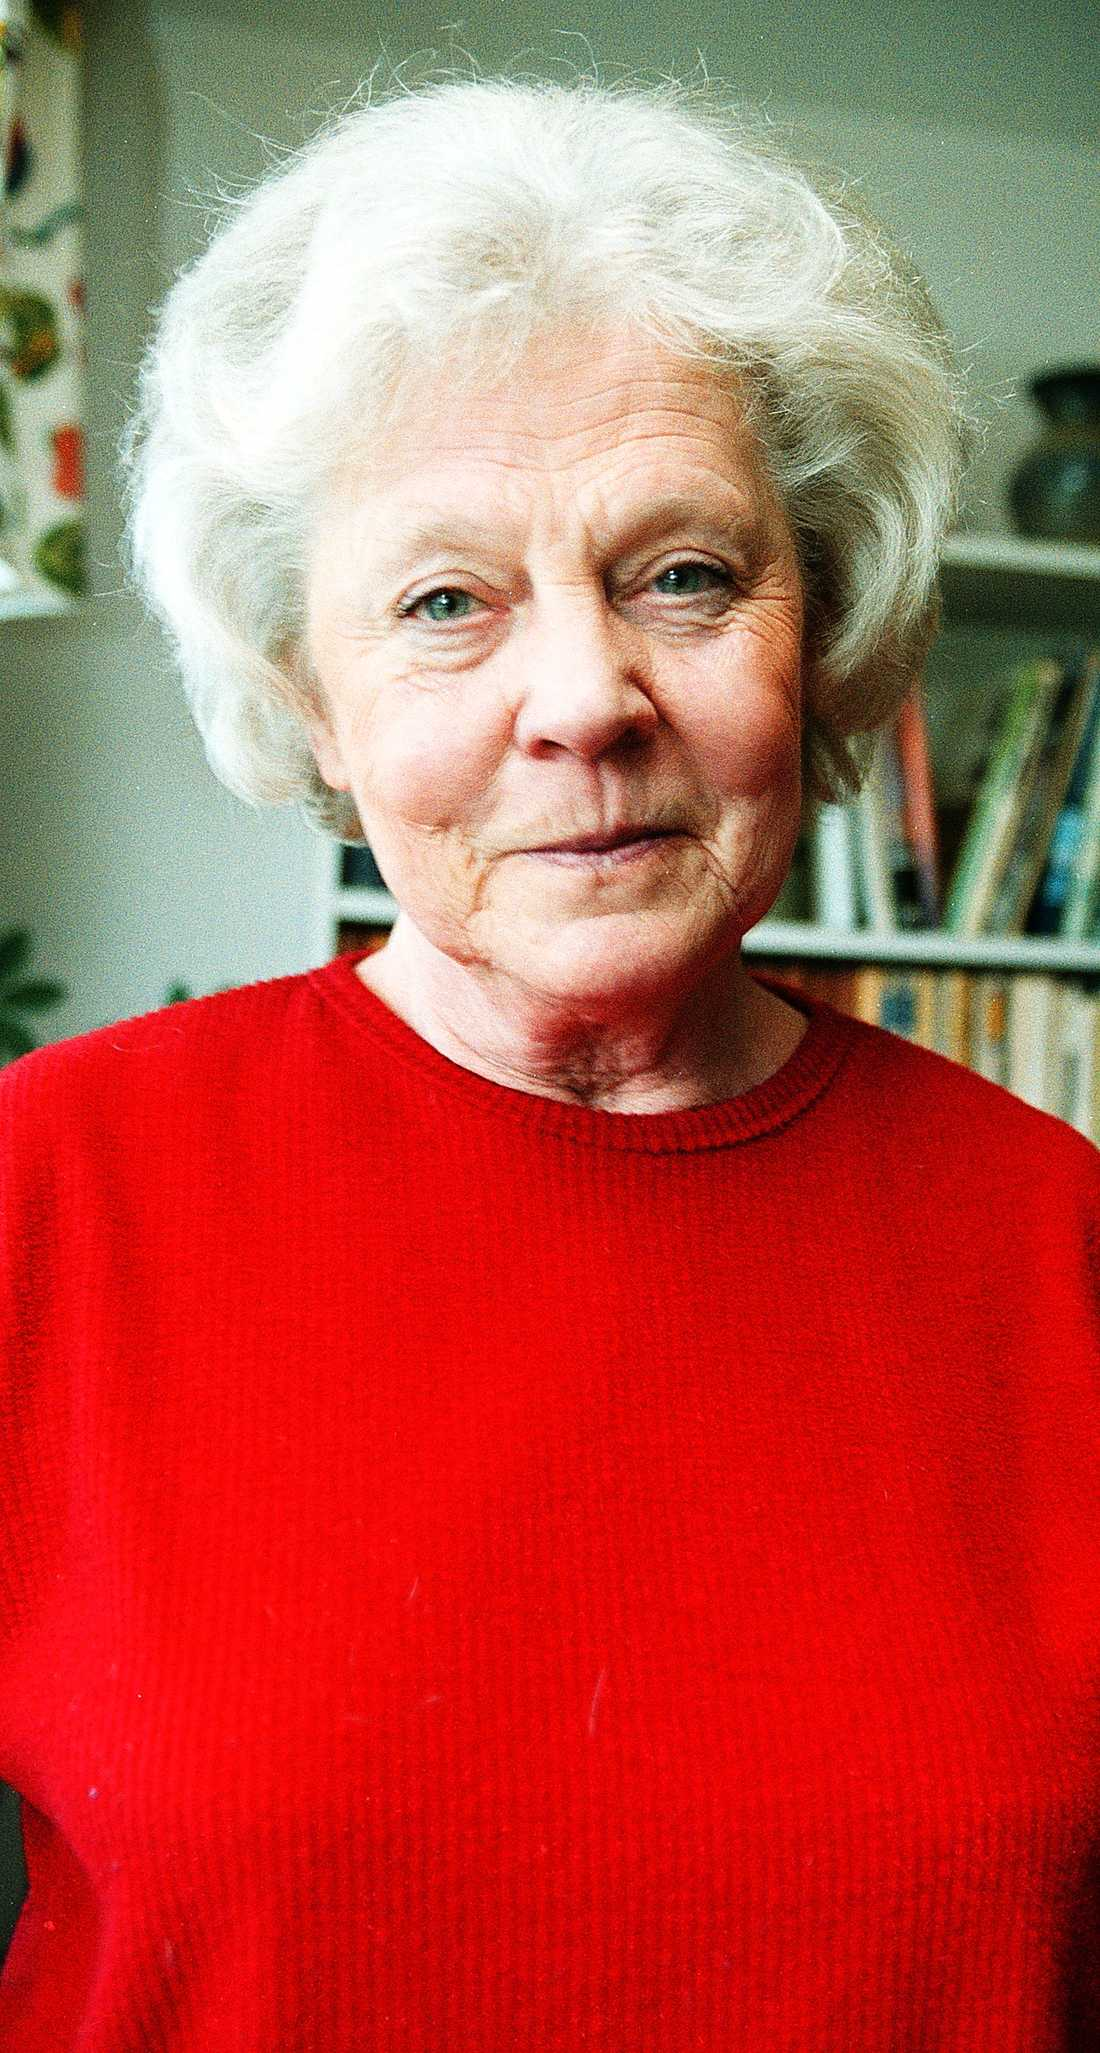 Alicia Lundberg, 77: Mamma till Johanna Hermann Lundberg. Var också programledare för Melodifestivalen 1973. Känd för sin lugna presentatörsstil. Gjorde också fler tv-program om bergsgorillorna i Rwanda.